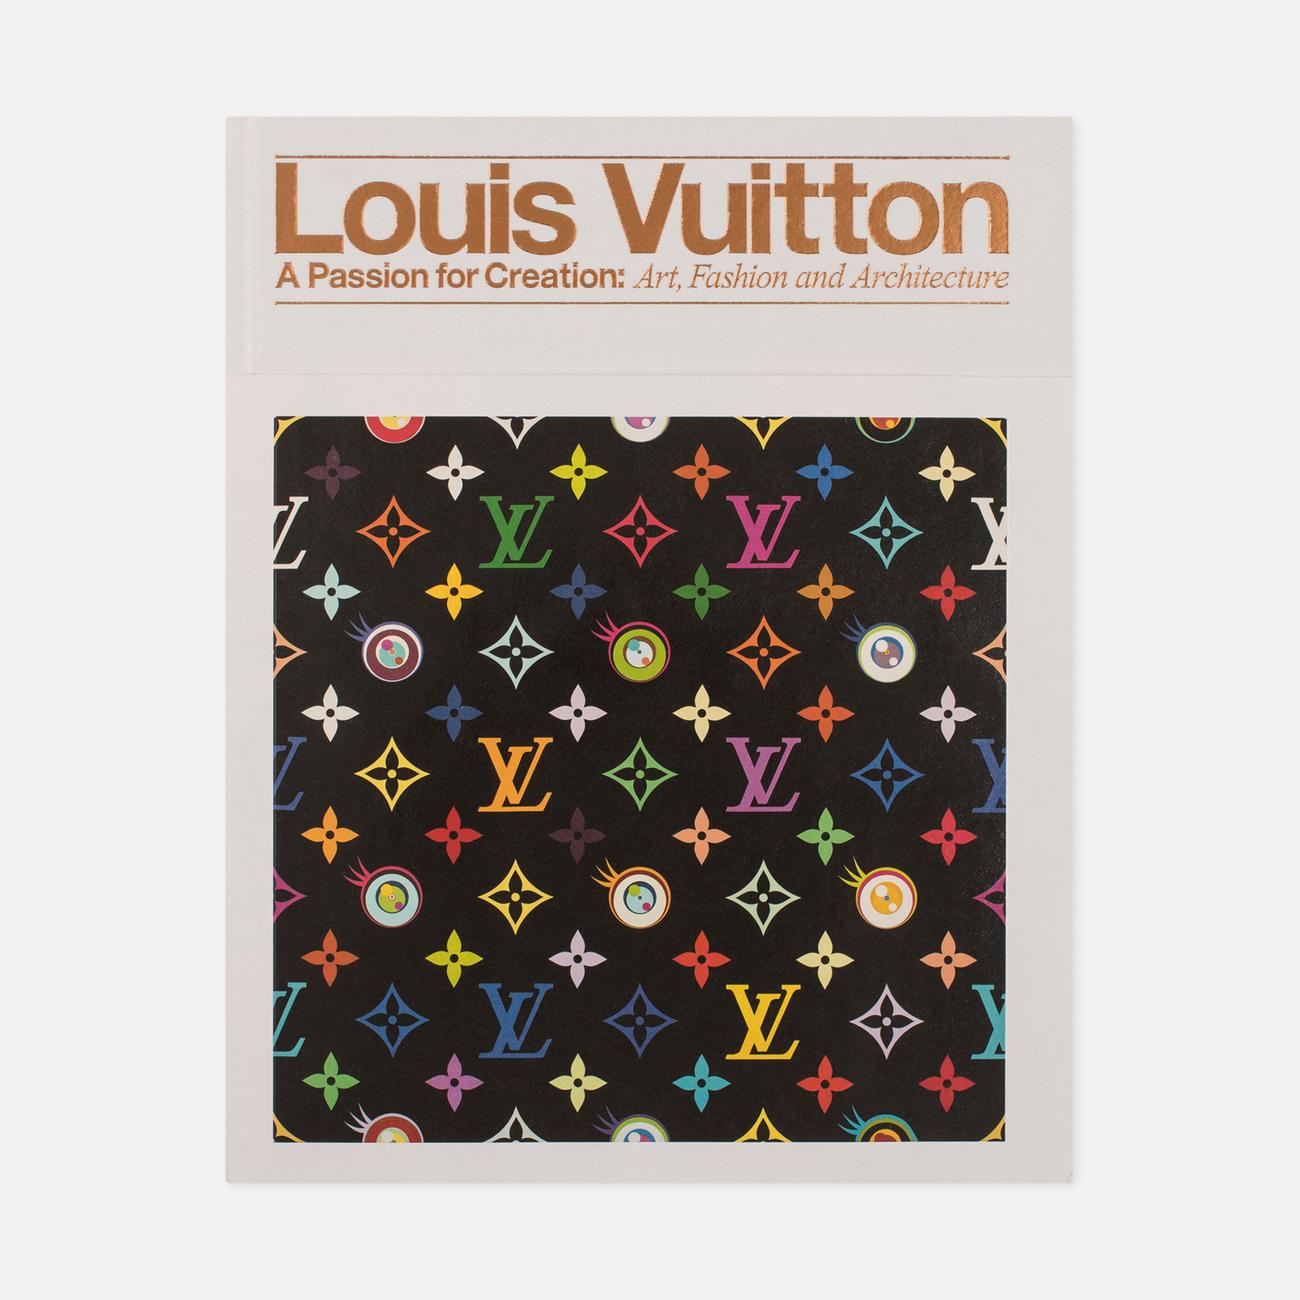 Книга Rizzoli Louis Vuitton: Passion 536 pgs